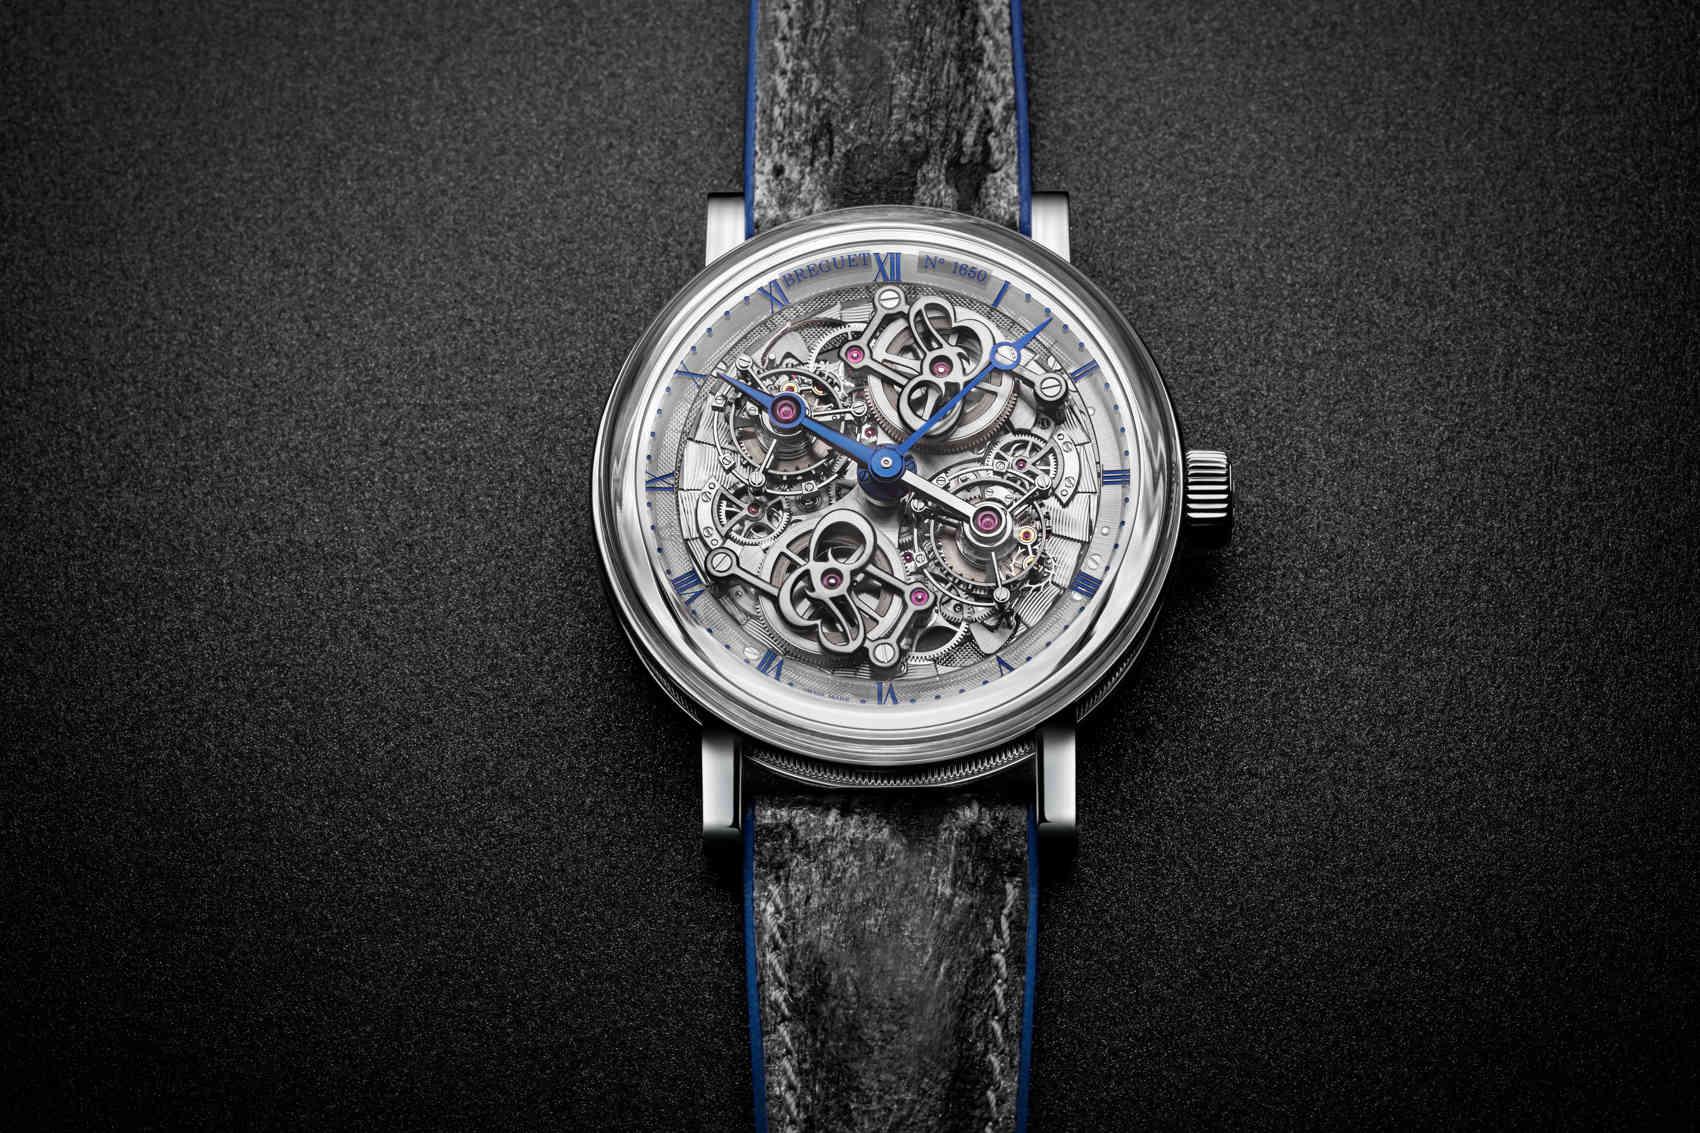 Breguet Classique Double Tourbillon 5345 Quai de L'Horloge portada